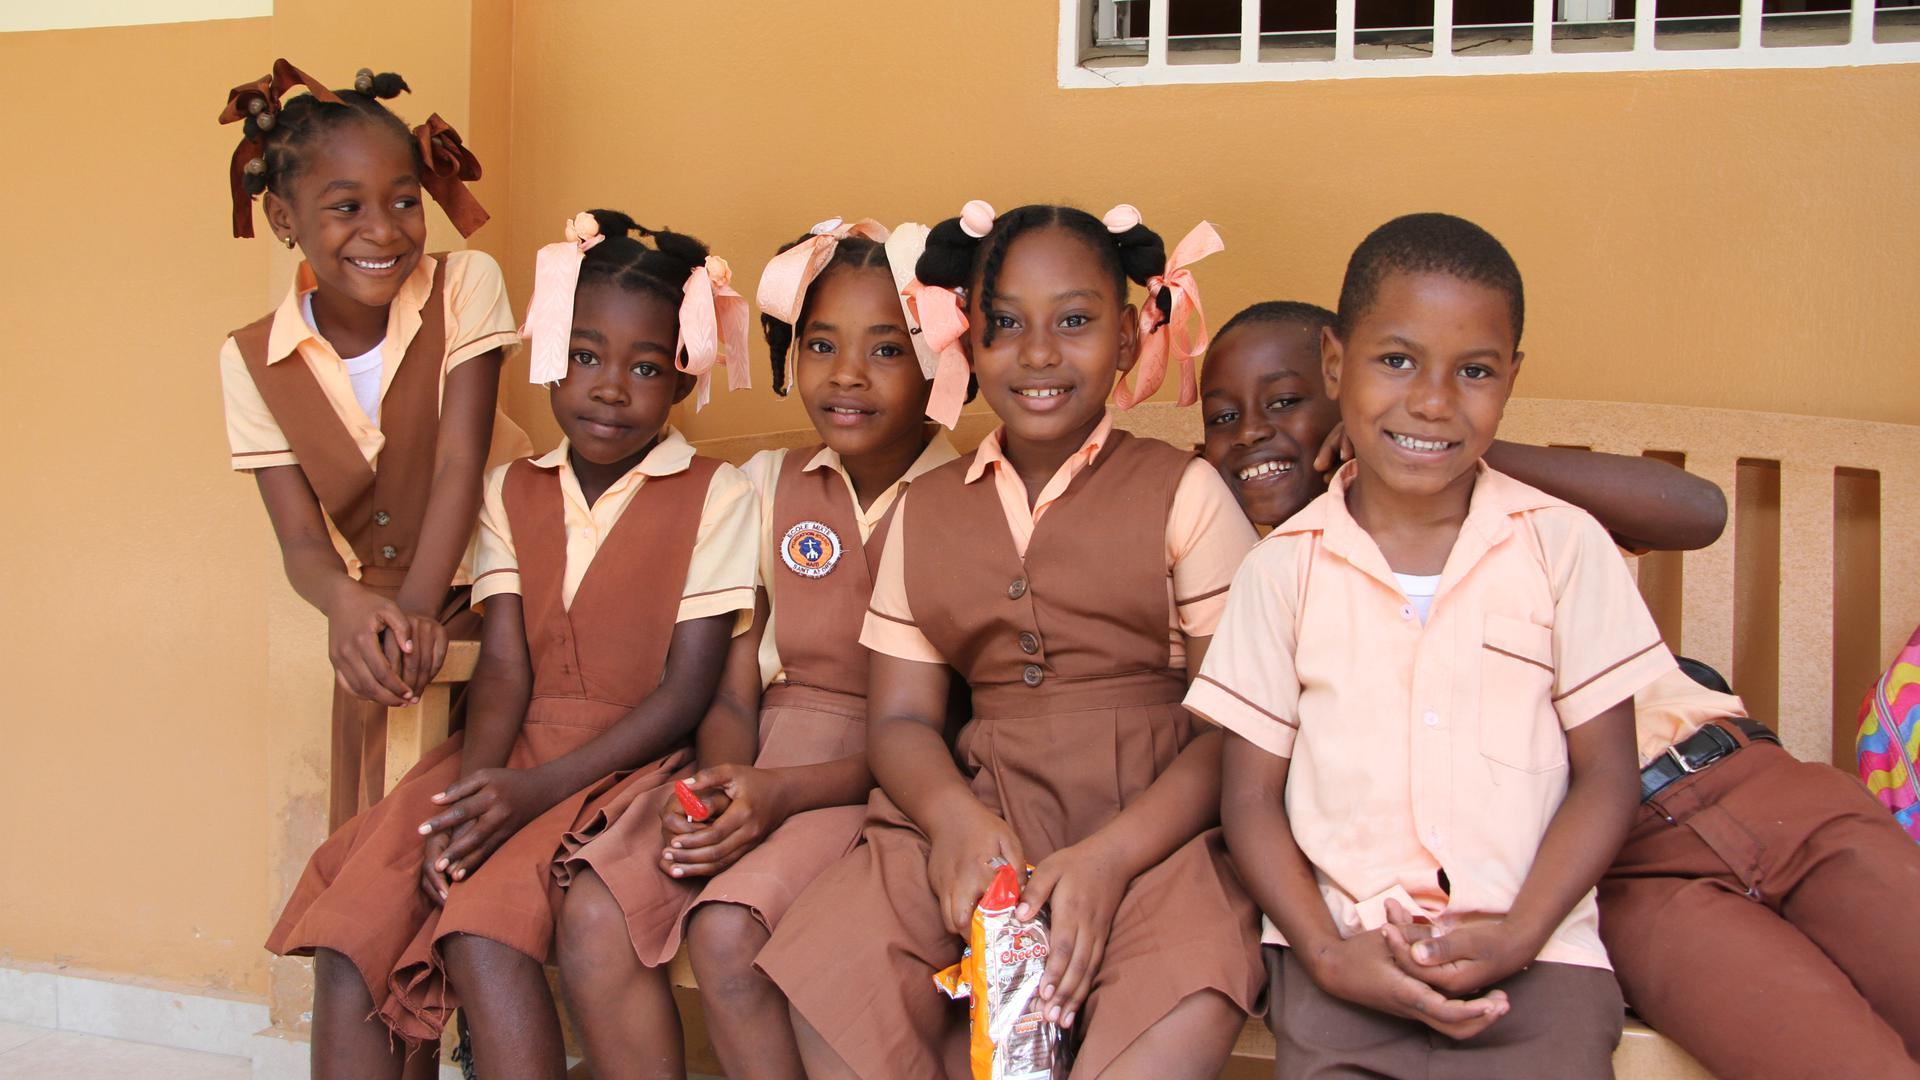 Diese Jungs und Mädels freuen sich sichtlich, dass sie die St. André-Schule in Fond-des-Blancs besuchen dürfen.